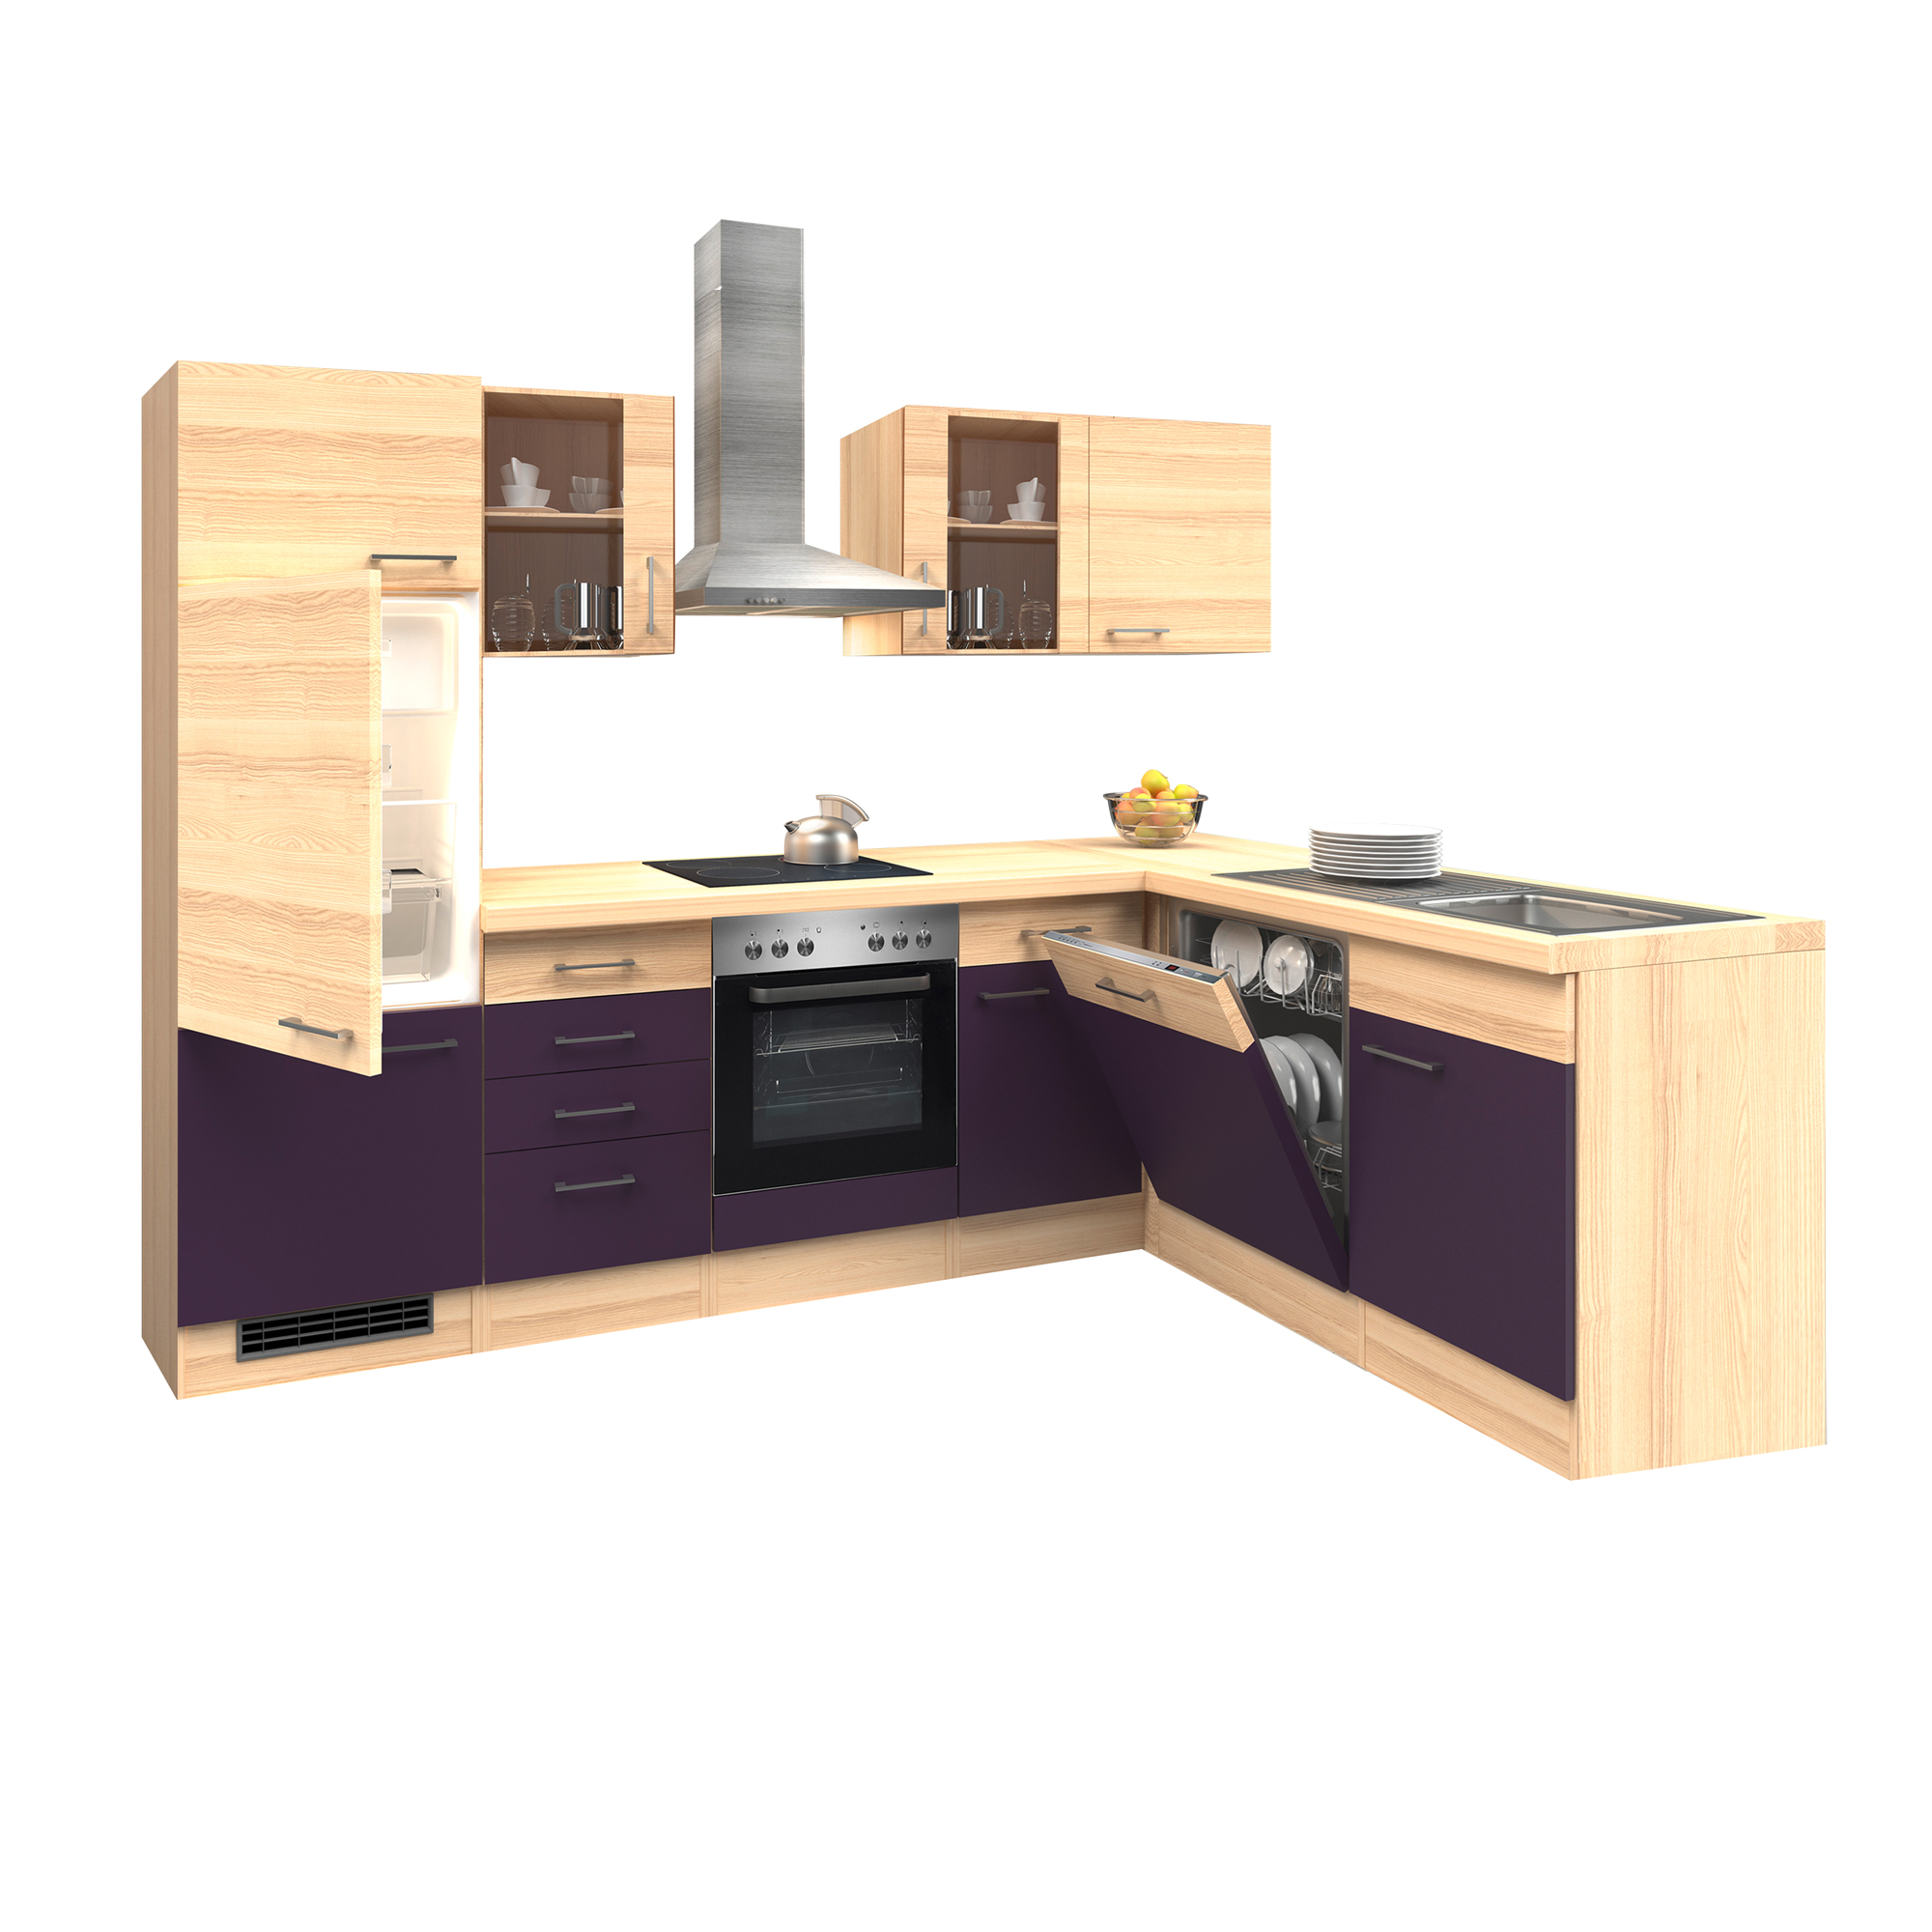 eck k che winkelk che mit ger ten k chenzeile l form. Black Bedroom Furniture Sets. Home Design Ideas